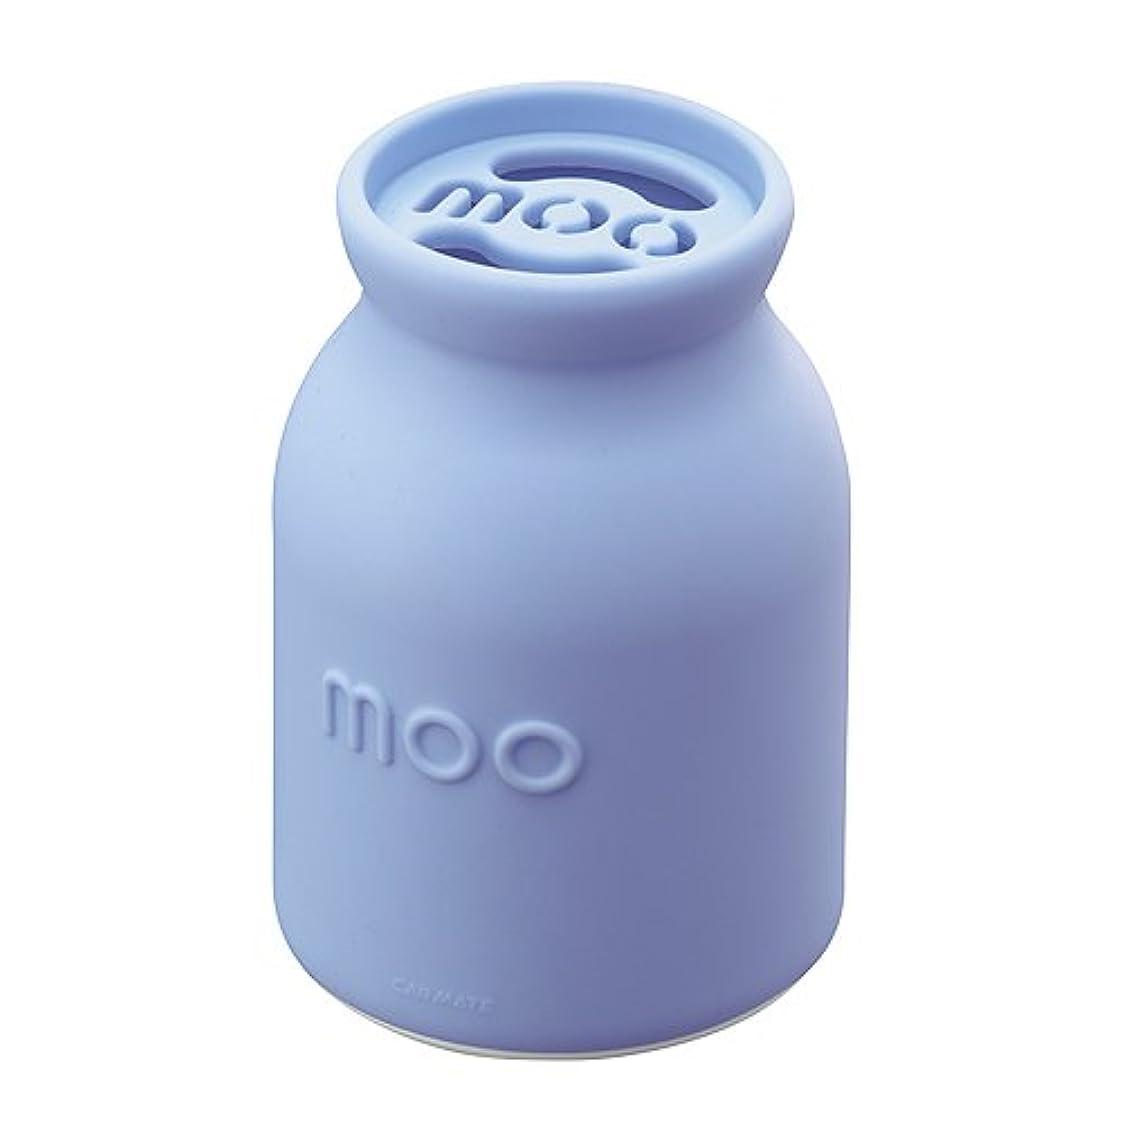 軽蔑する契約汚すカーメイト(CARMATE) 芳香消臭剤 モー スプラッシュフィズ ブルー G452